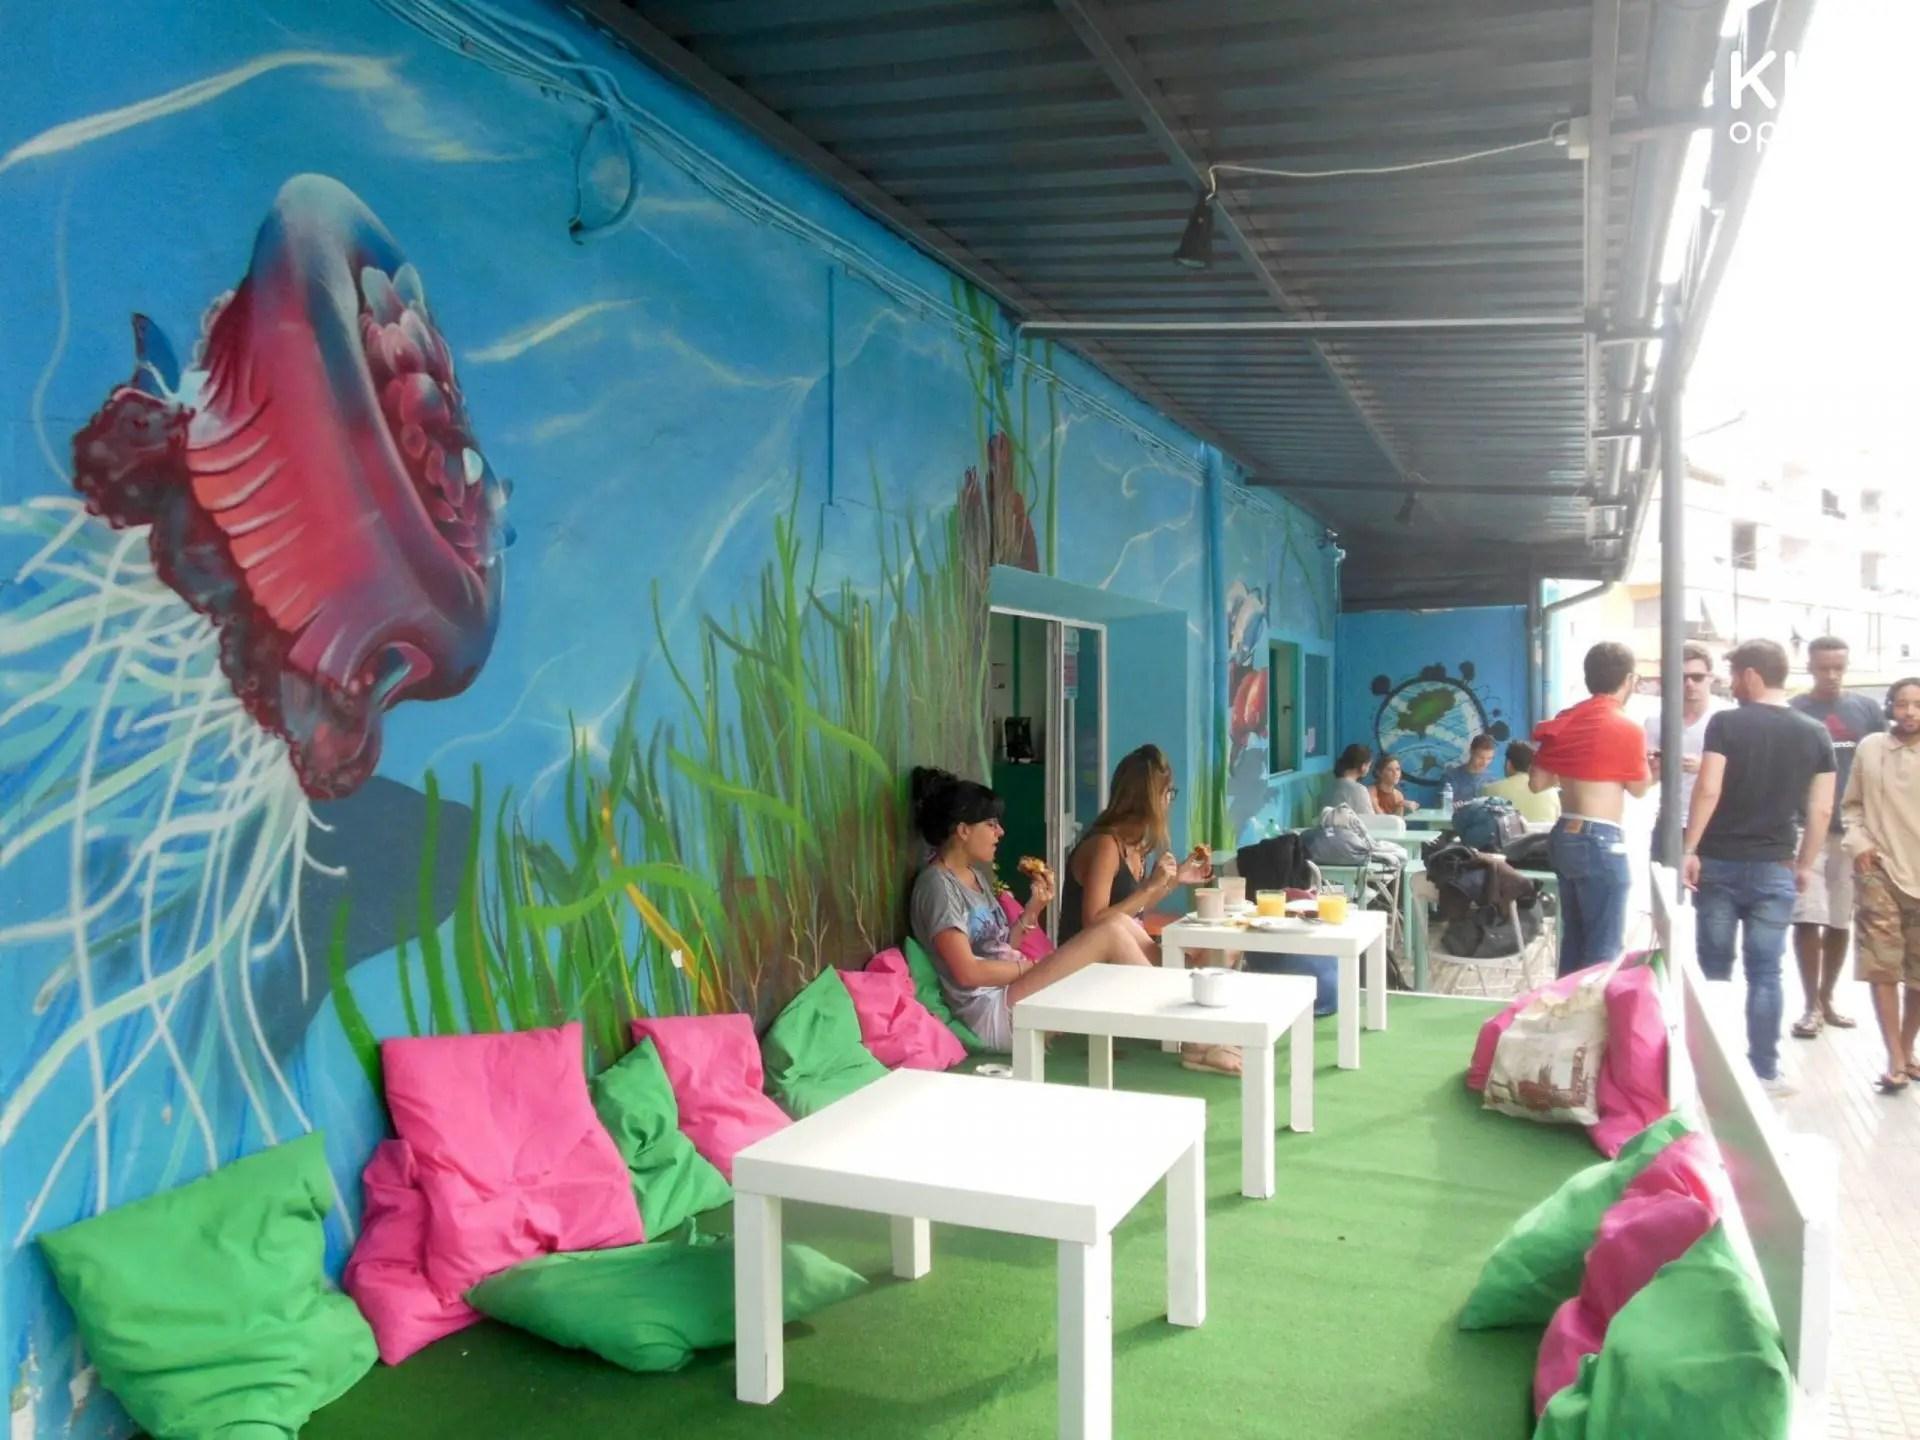 Terras van het Giramundo hostel - laag terras met kussen aan de straatkant